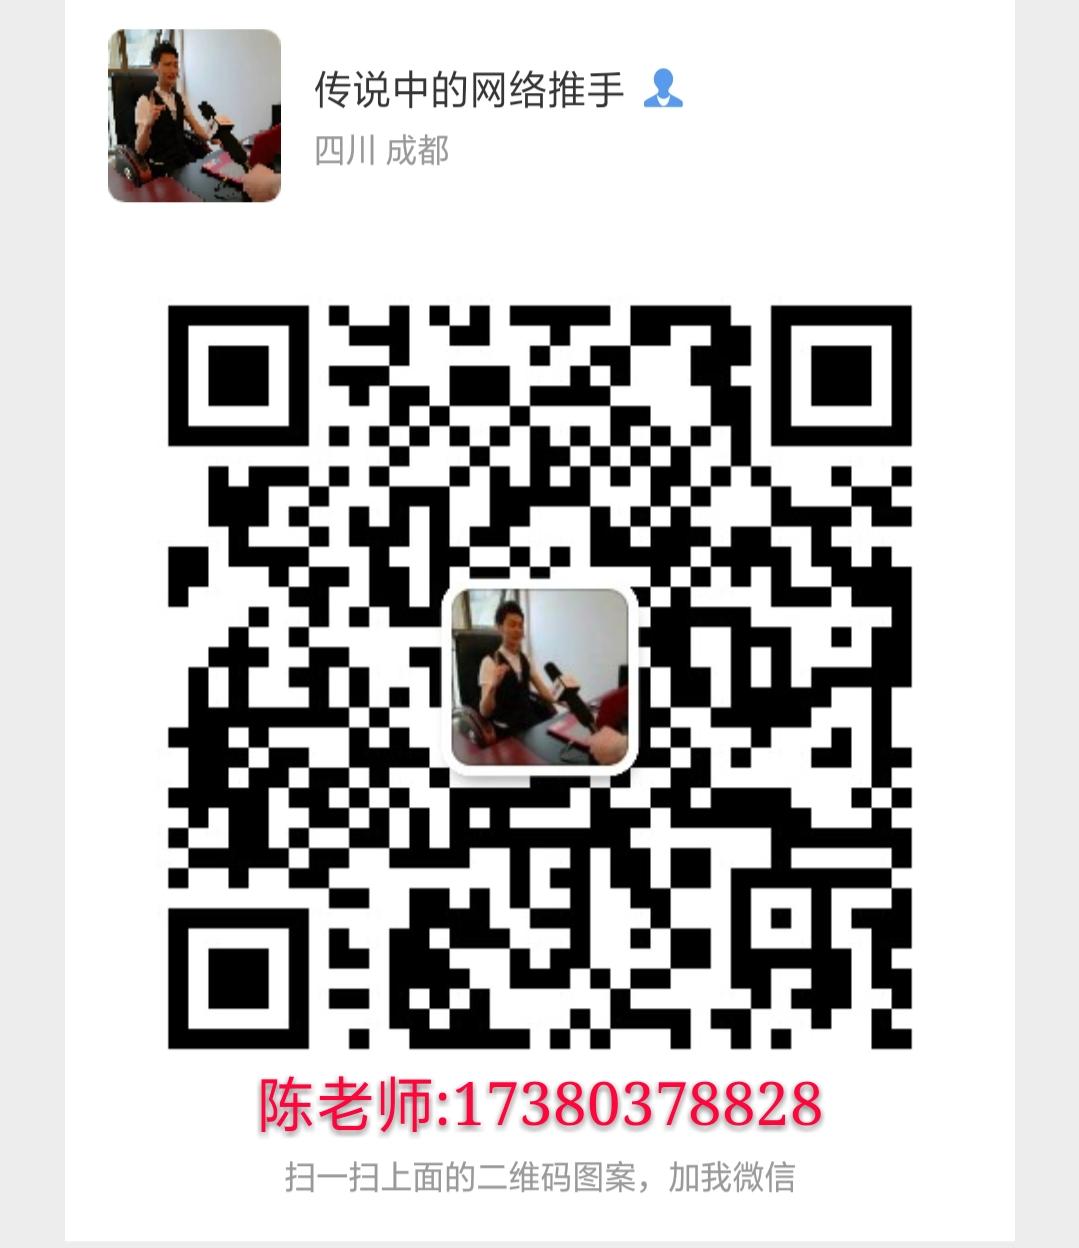 QQ图片20190628002107 二维码.jpg